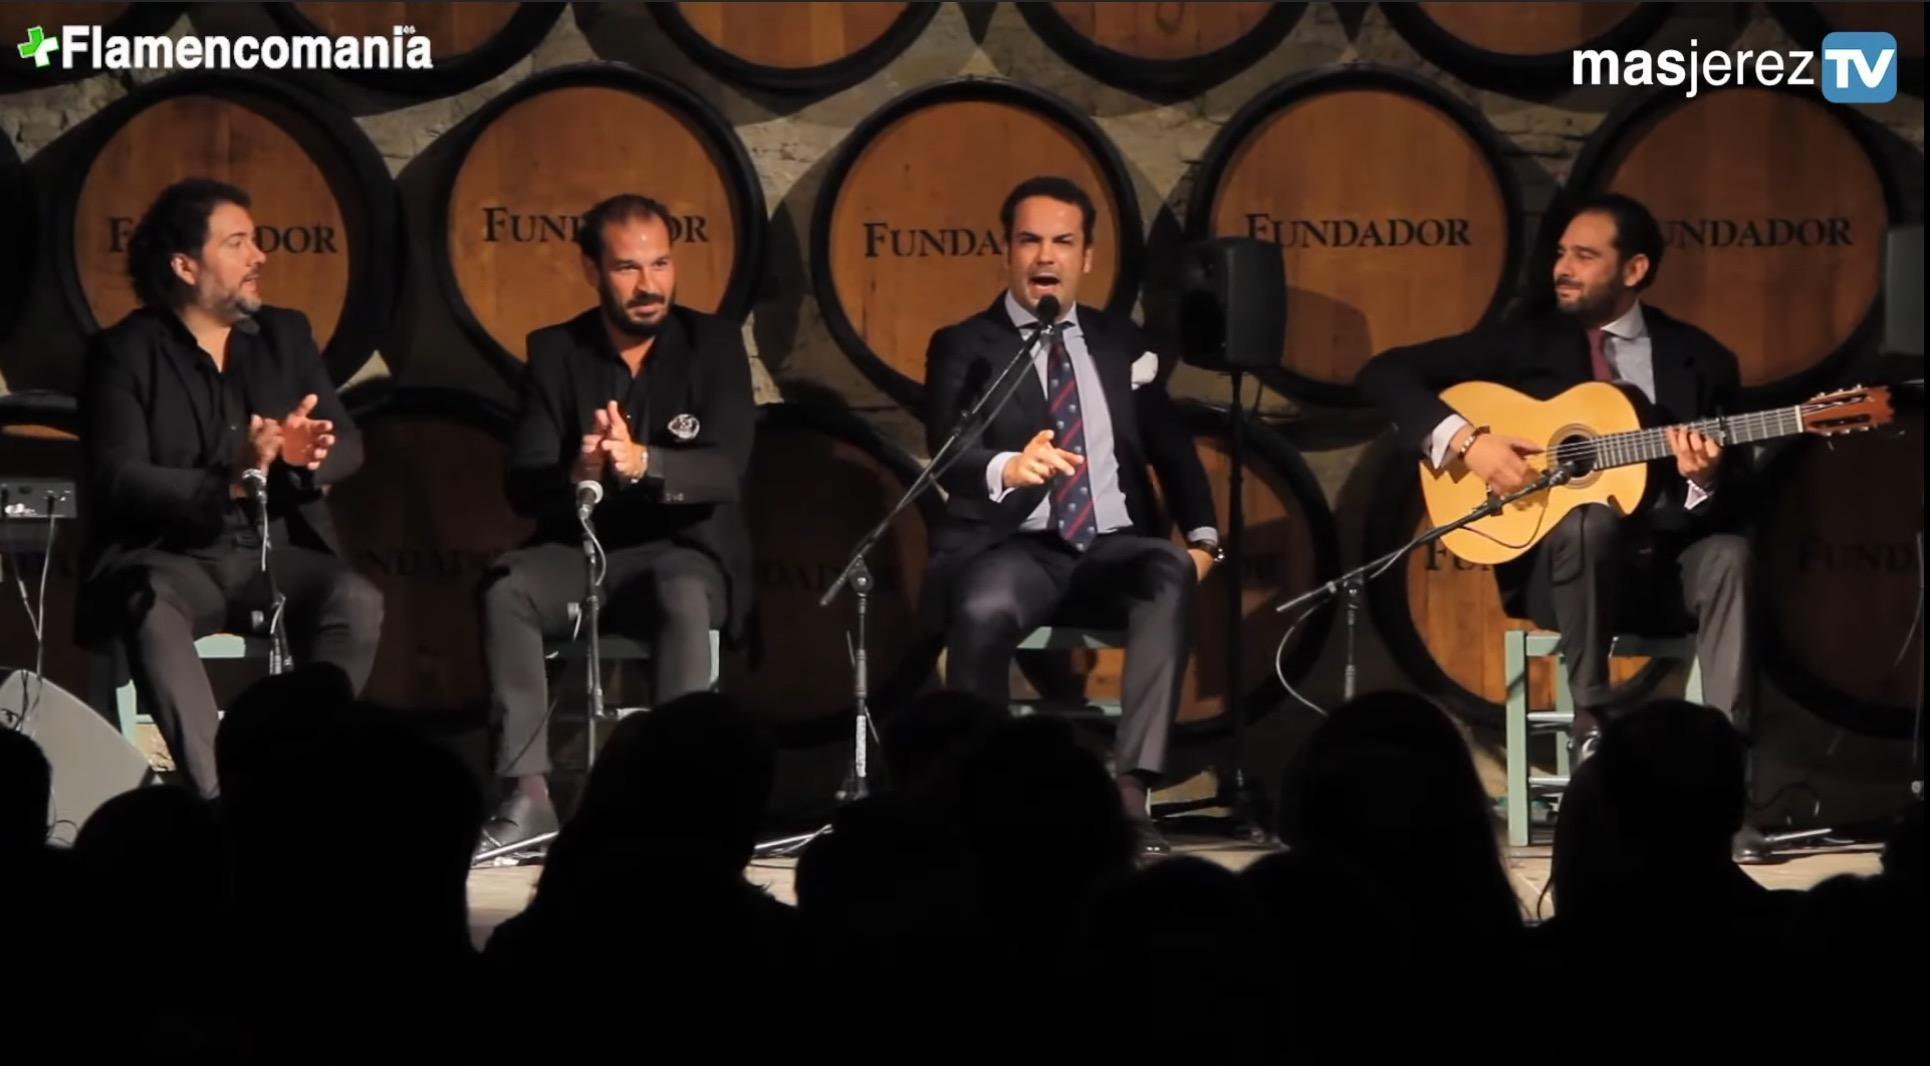 Flamencomanía TV: YoMeQuedoEnCasa - Día 2 - Lo mejor de 2018